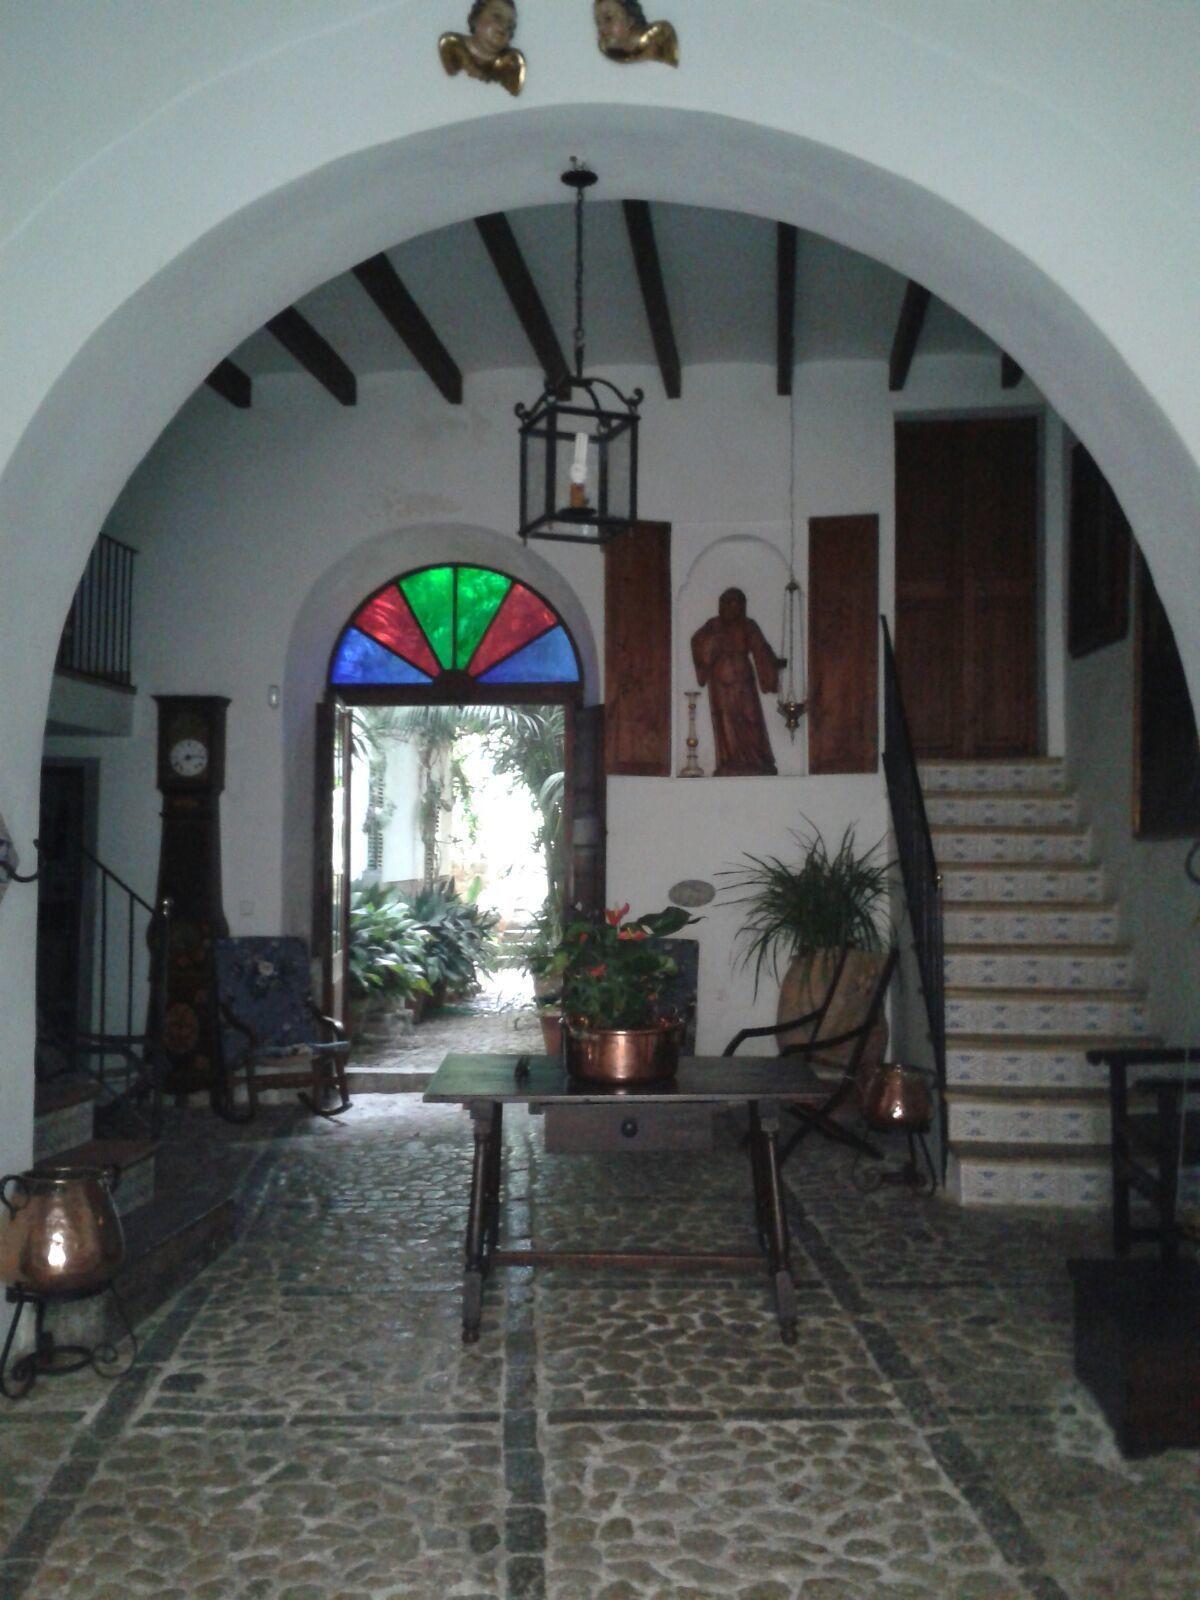 Casa de estilo tradicional mallorquina, con encanto, situada en una calle muy centrica en Soller, muSpain